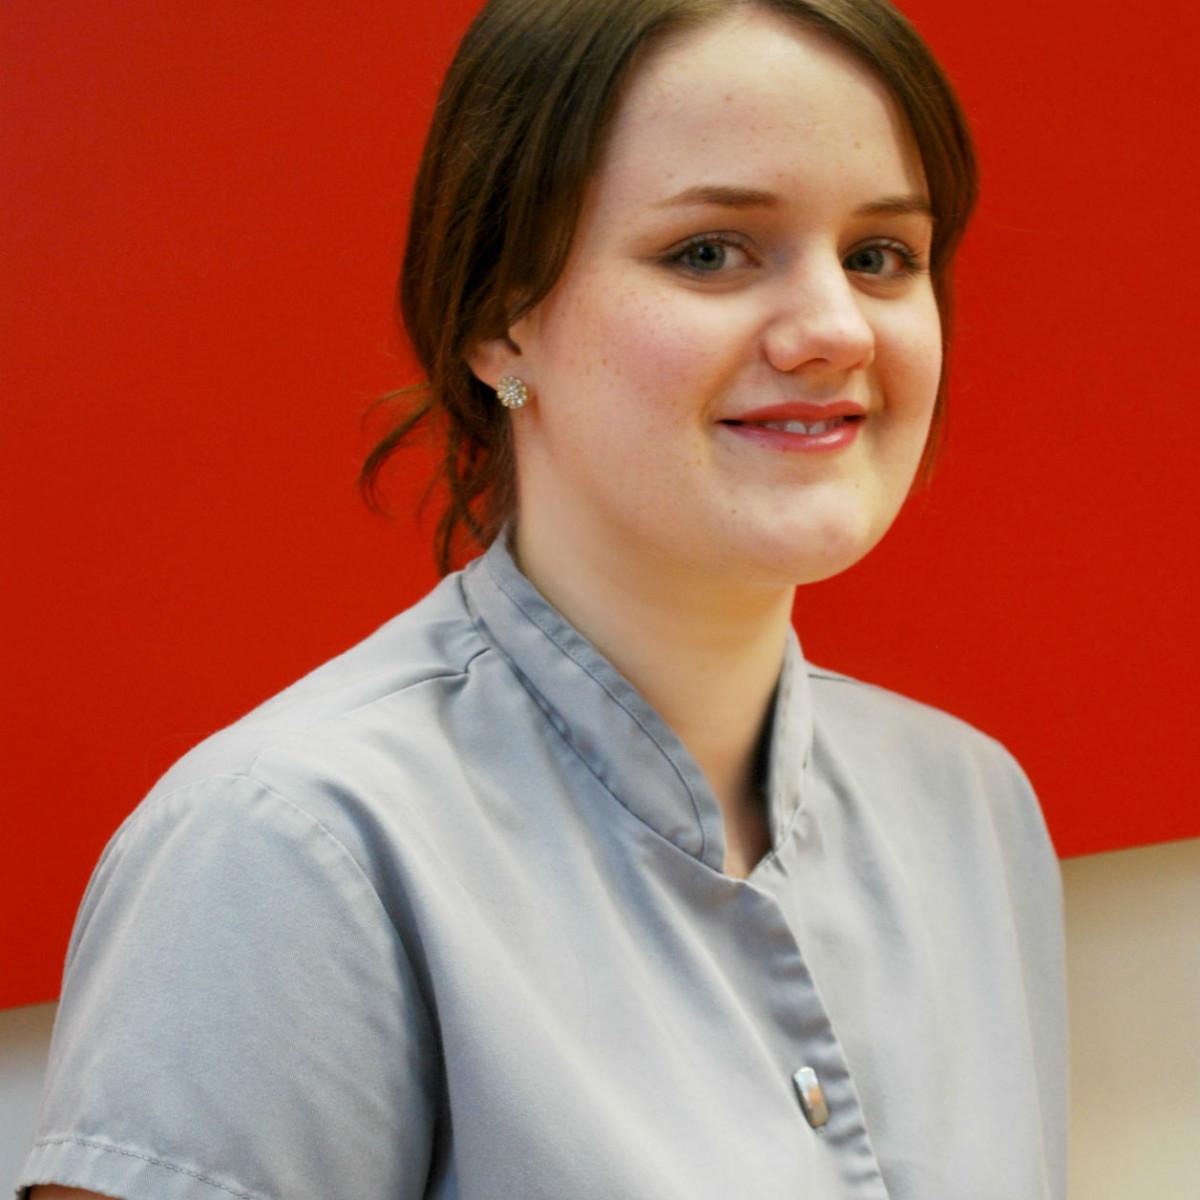 Charlotte Bamford